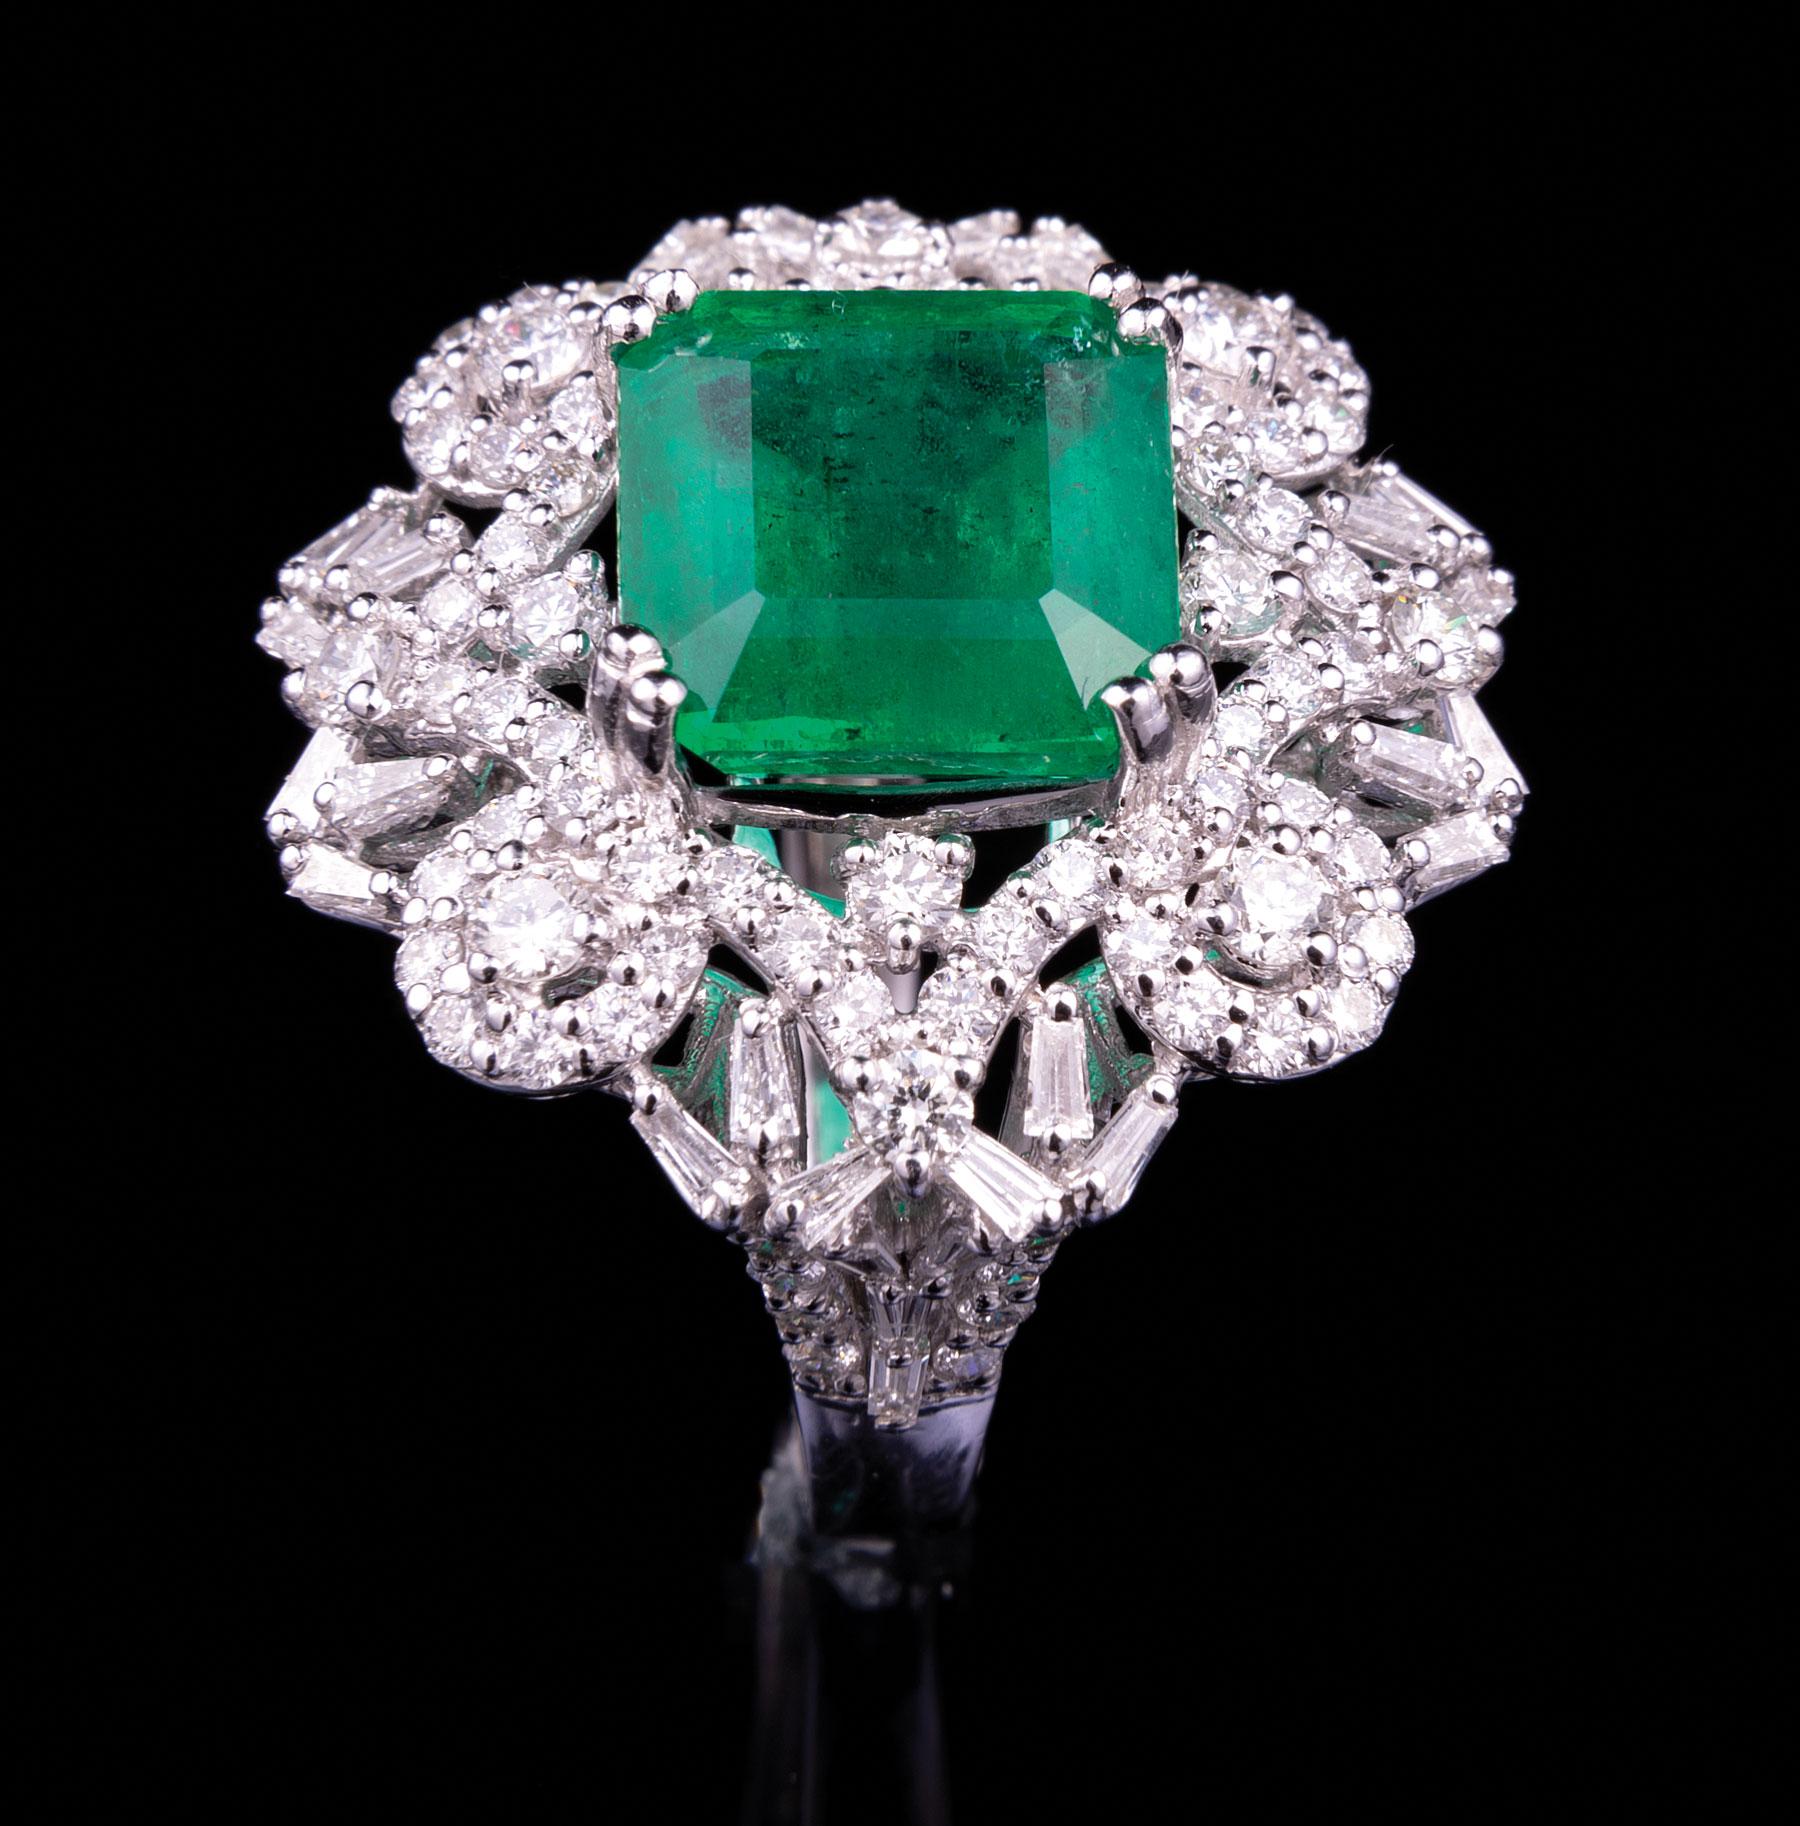 Lot 585 - Platinum, Emerald and Diamond Ring , prong set rectangular step cut natural emerald, 11.39 x 10.81 x